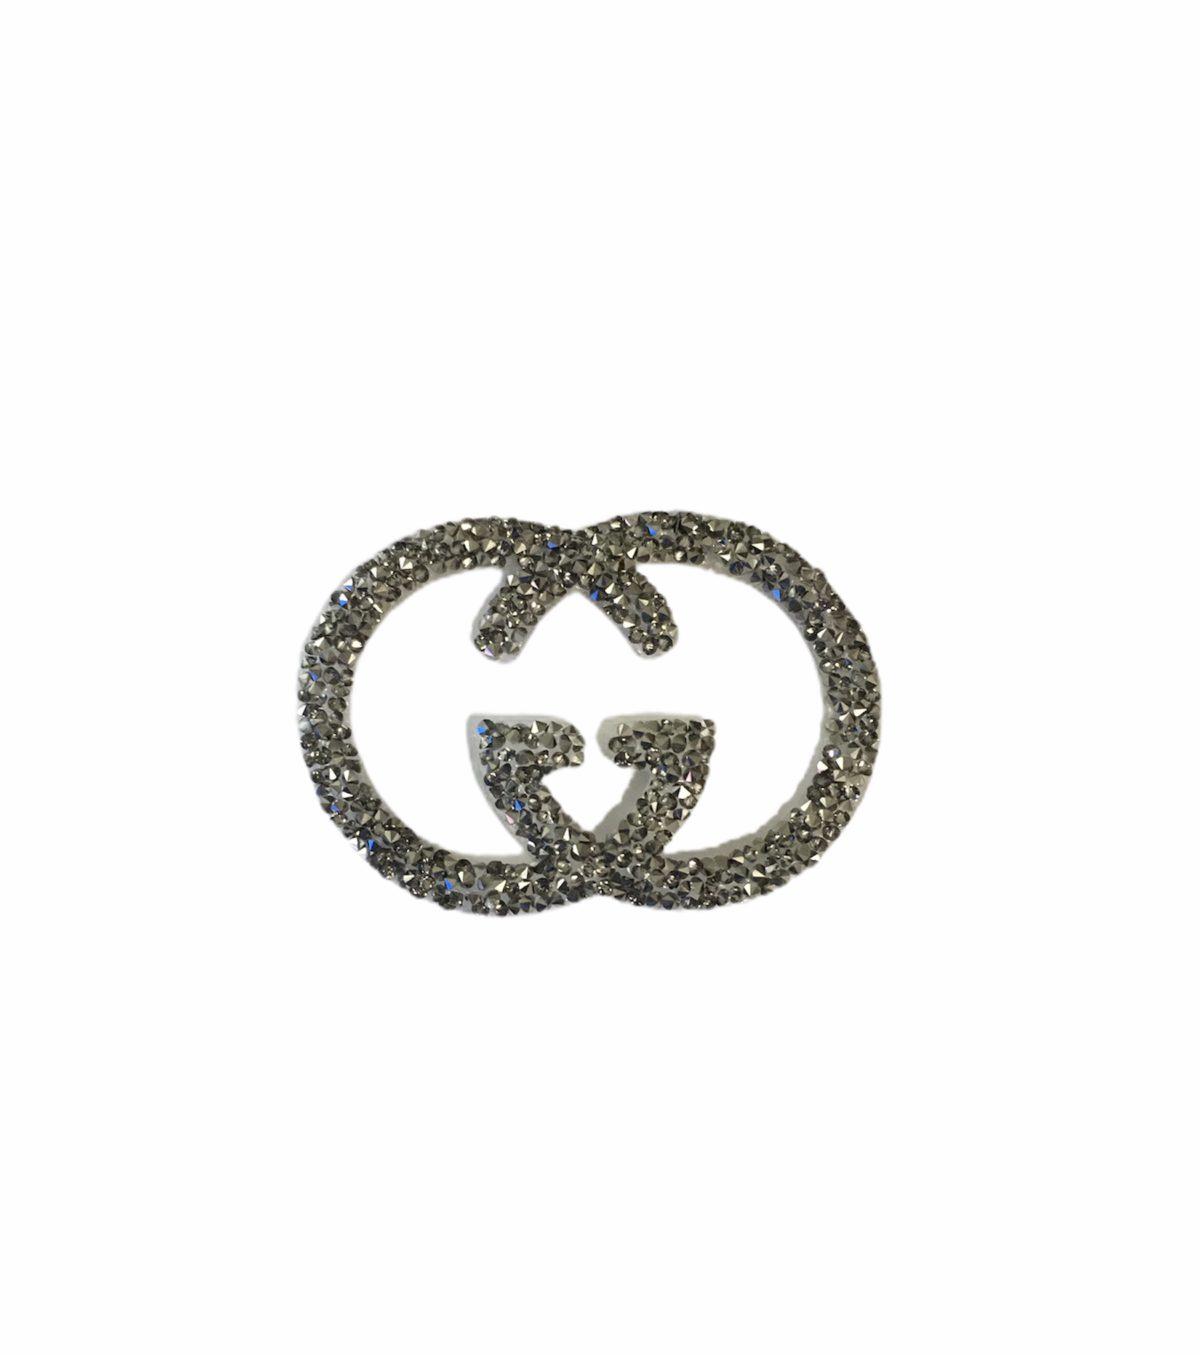 New GG Rhinestone Emblem, Gucci Patch Iron On patch 1